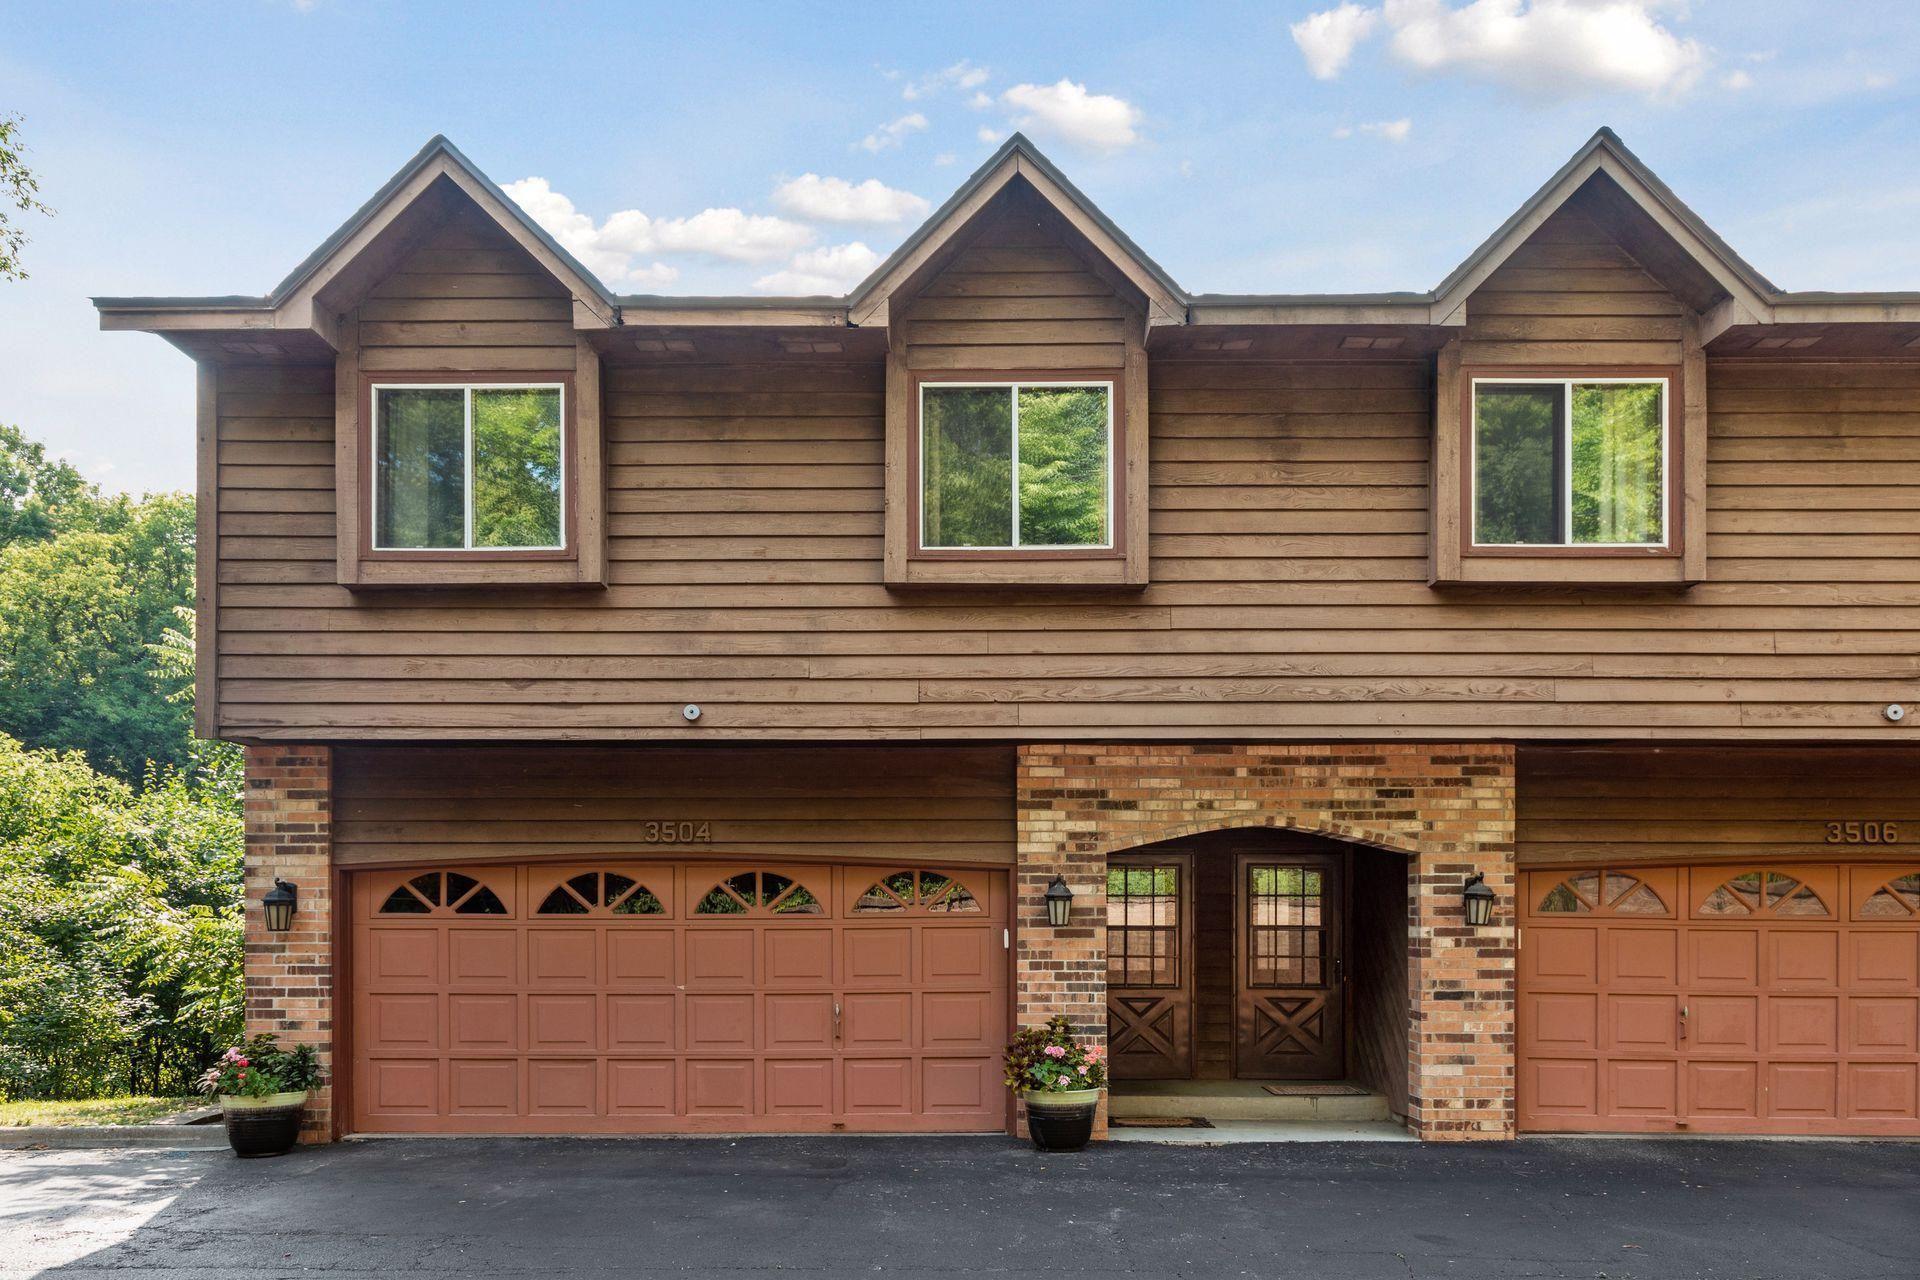 3504 Douglas Drive N, Crystal, MN 55422 - MLS#: 6046809